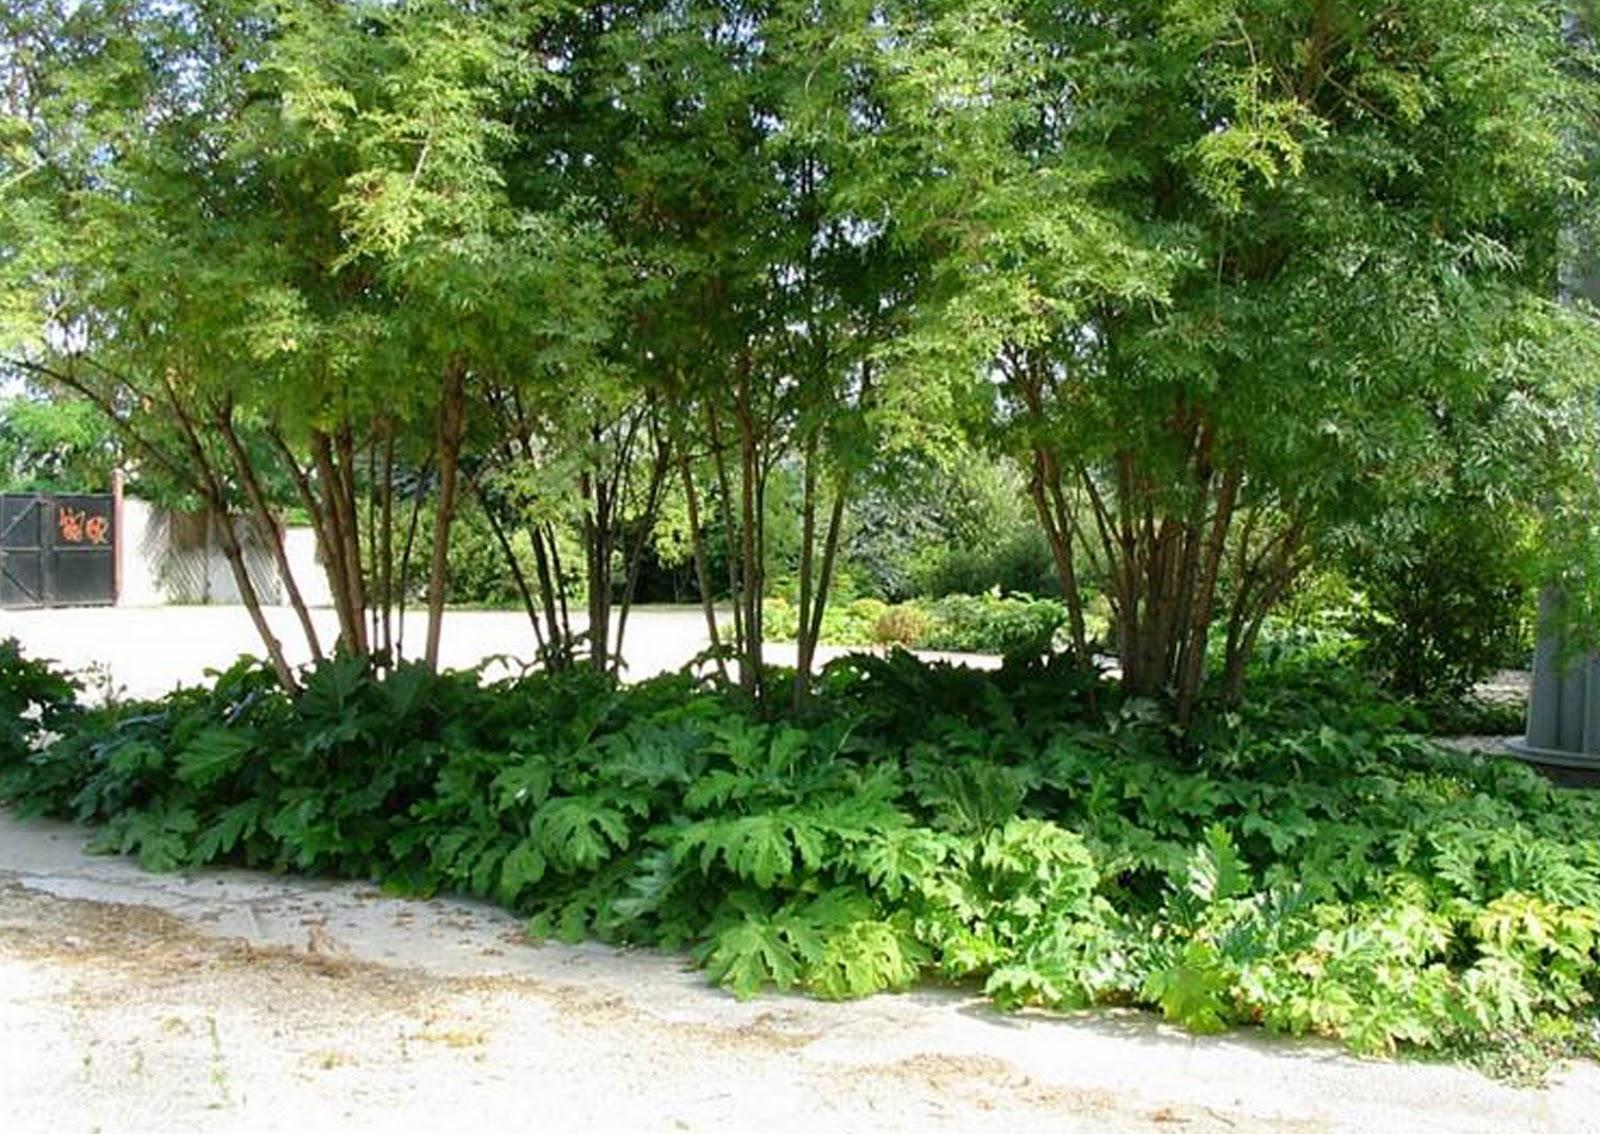 adele s blog ba garden design 3rd year multi. Black Bedroom Furniture Sets. Home Design Ideas